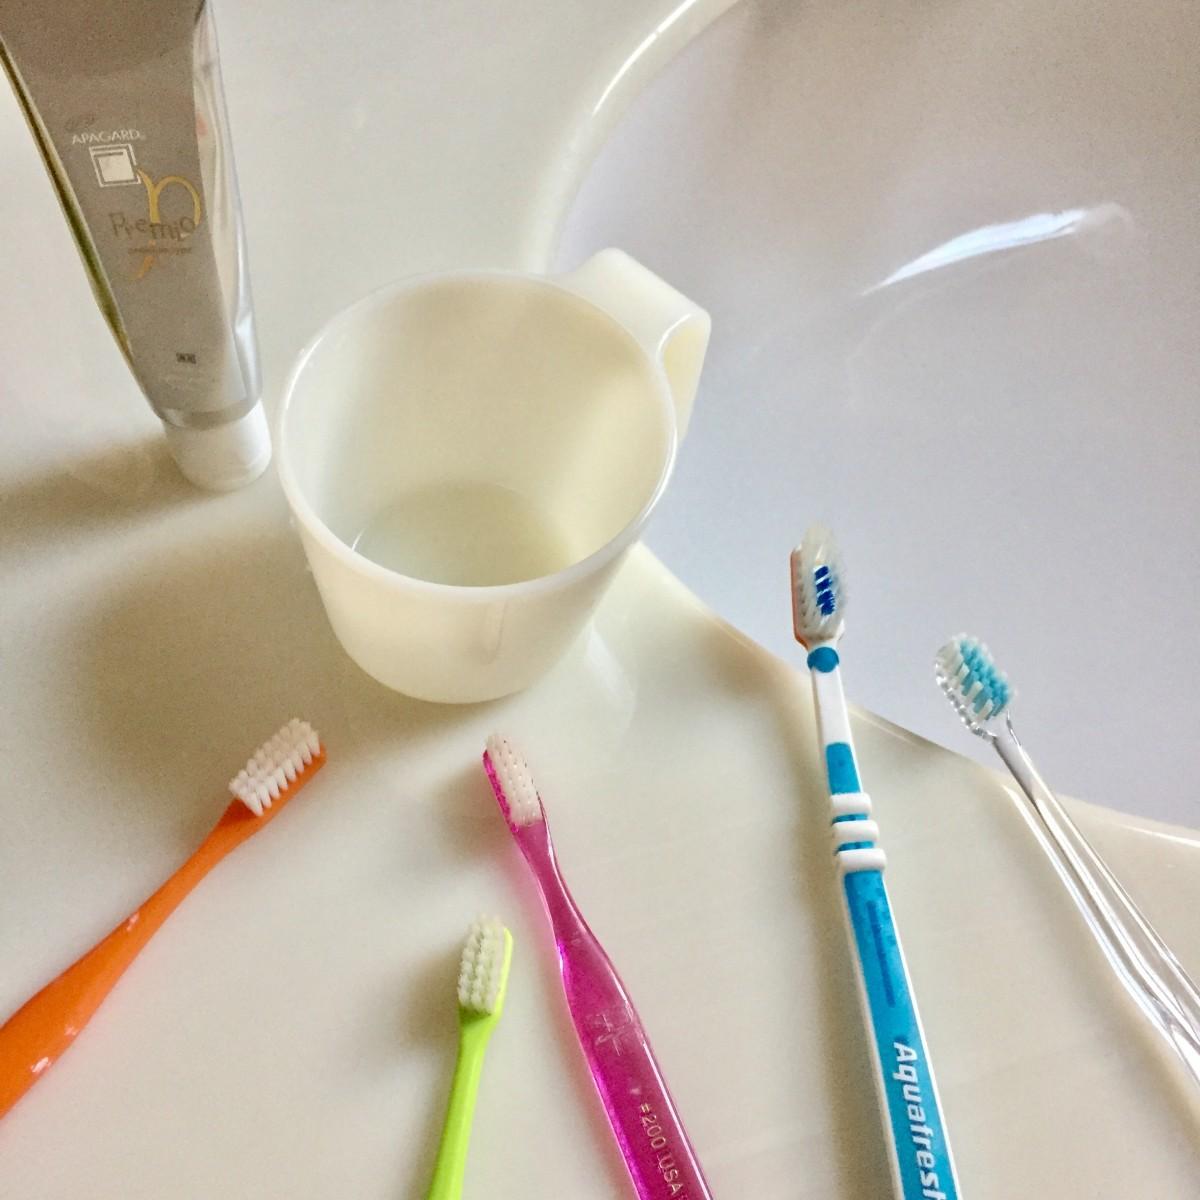 歯科医が教えてくれた歯の美白をする以前に毎日できる簡単な大切なこと。